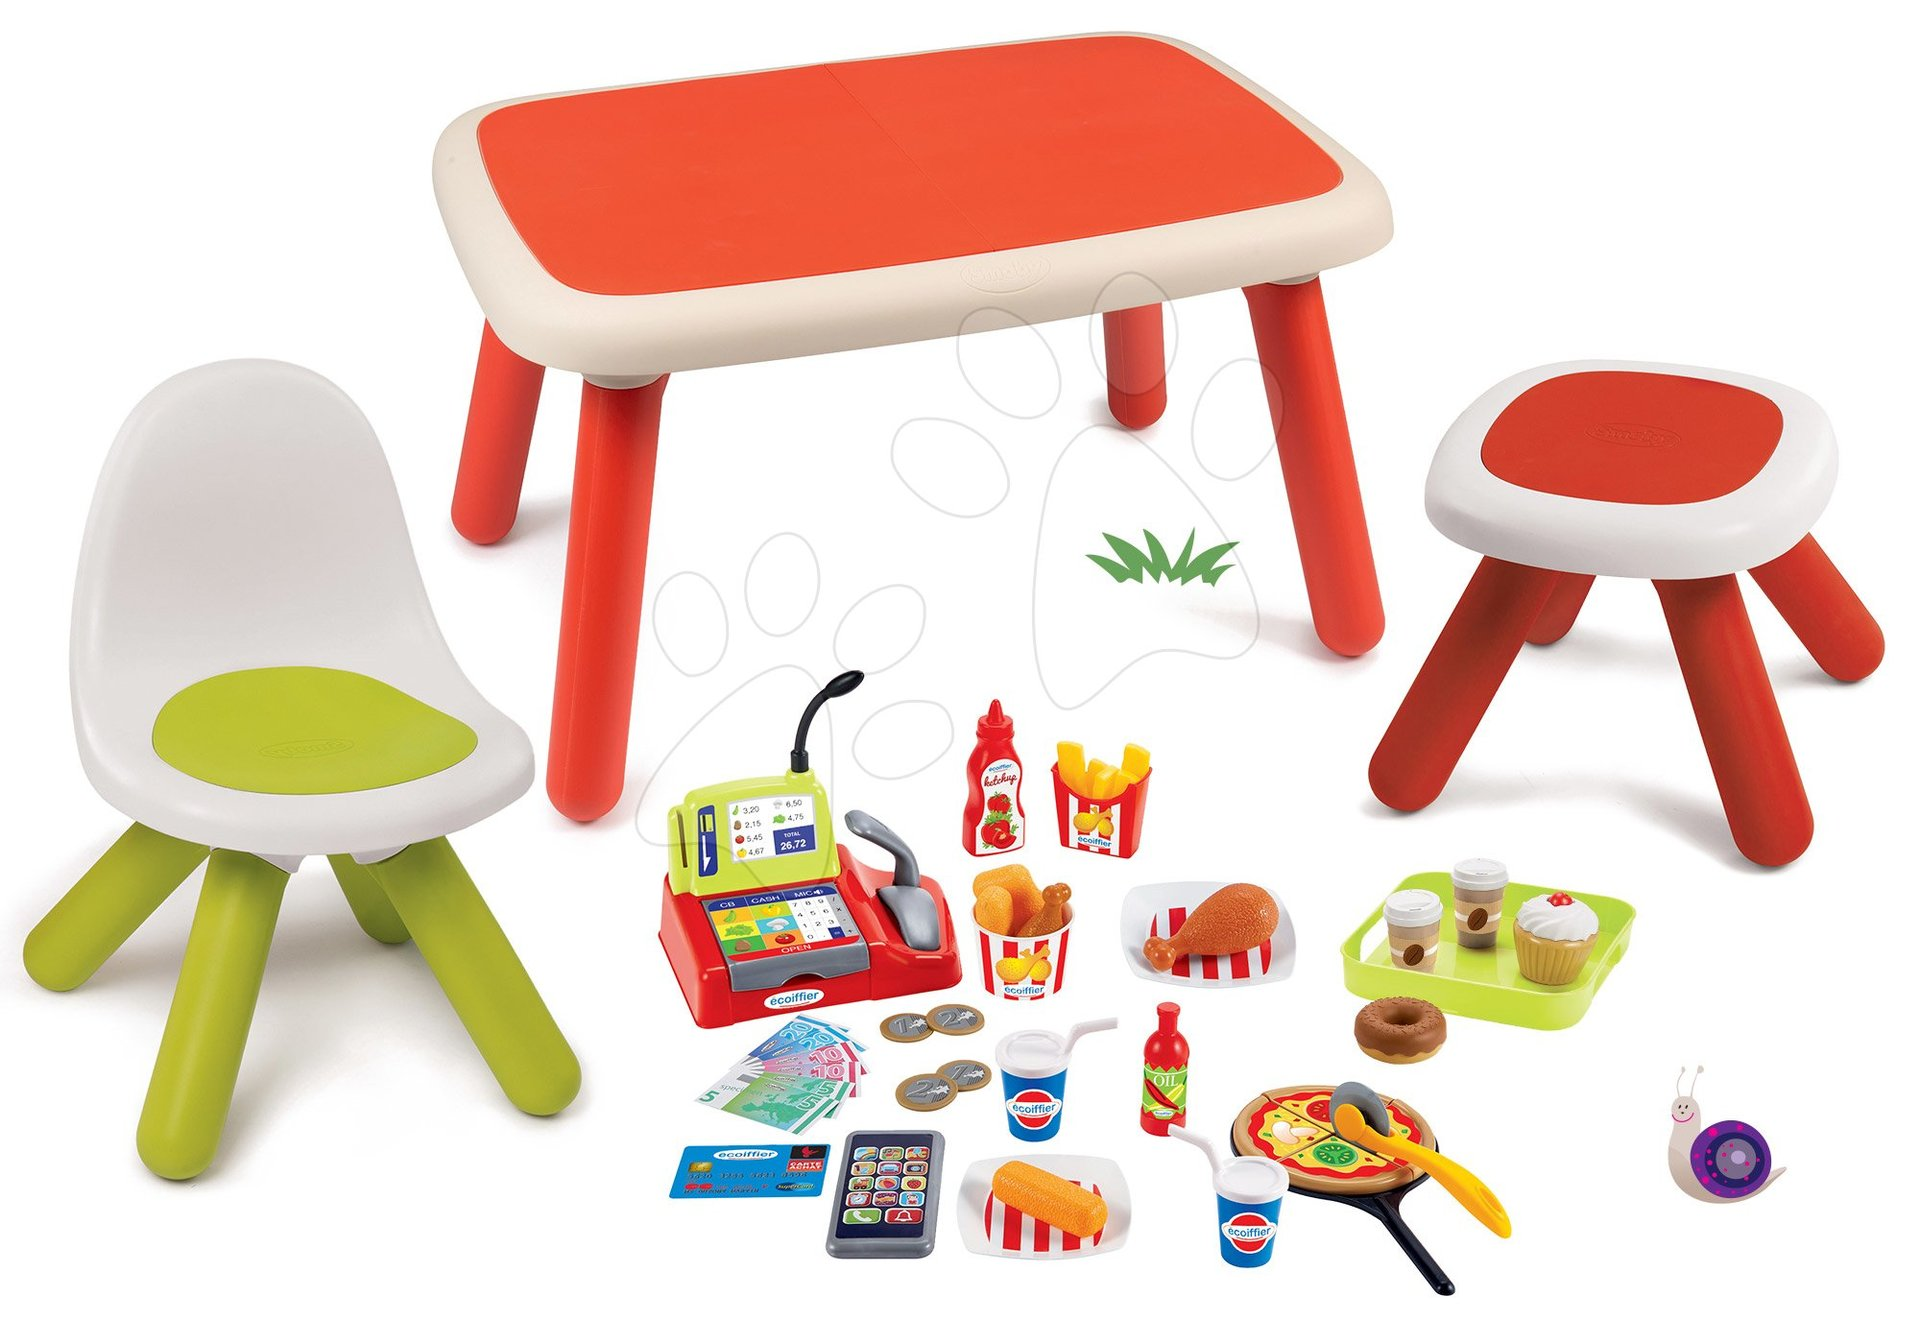 Set stôl pre deti KidTable červený Smoby so stoličkou a stolčekom s UV filtrom a potravinami Fast Food